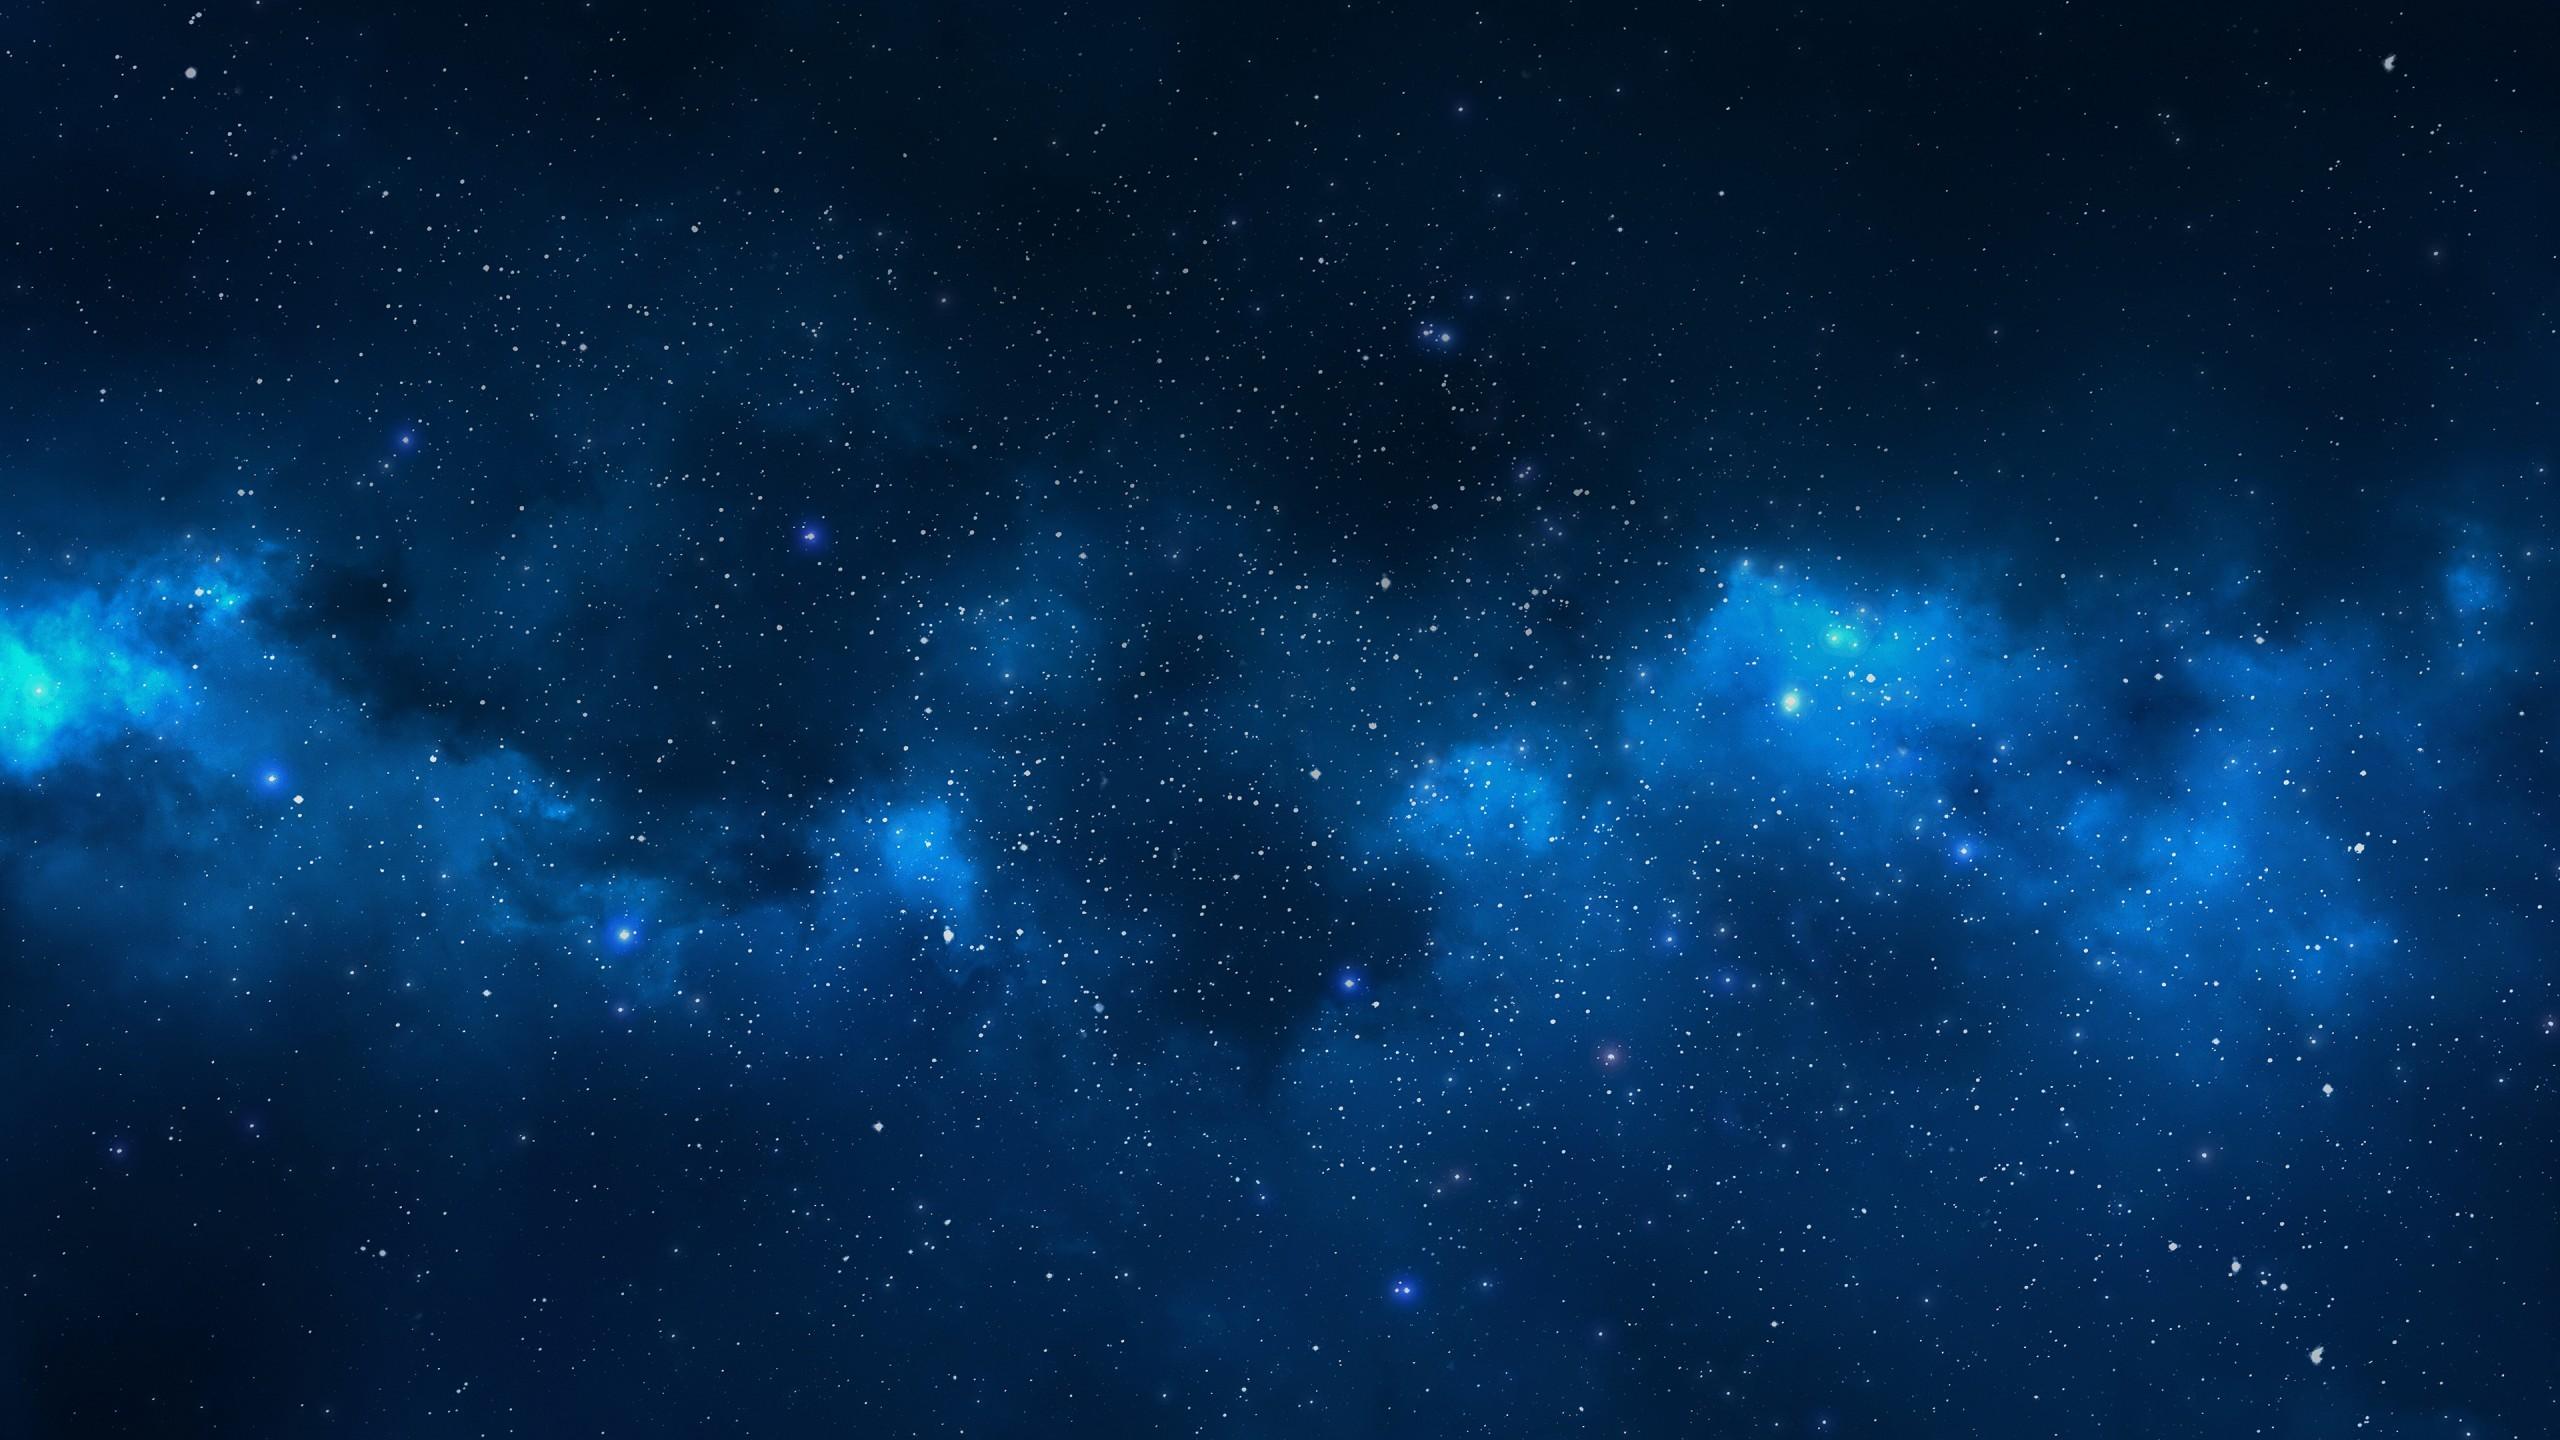 Tags: Stars, Galaxy, 4K